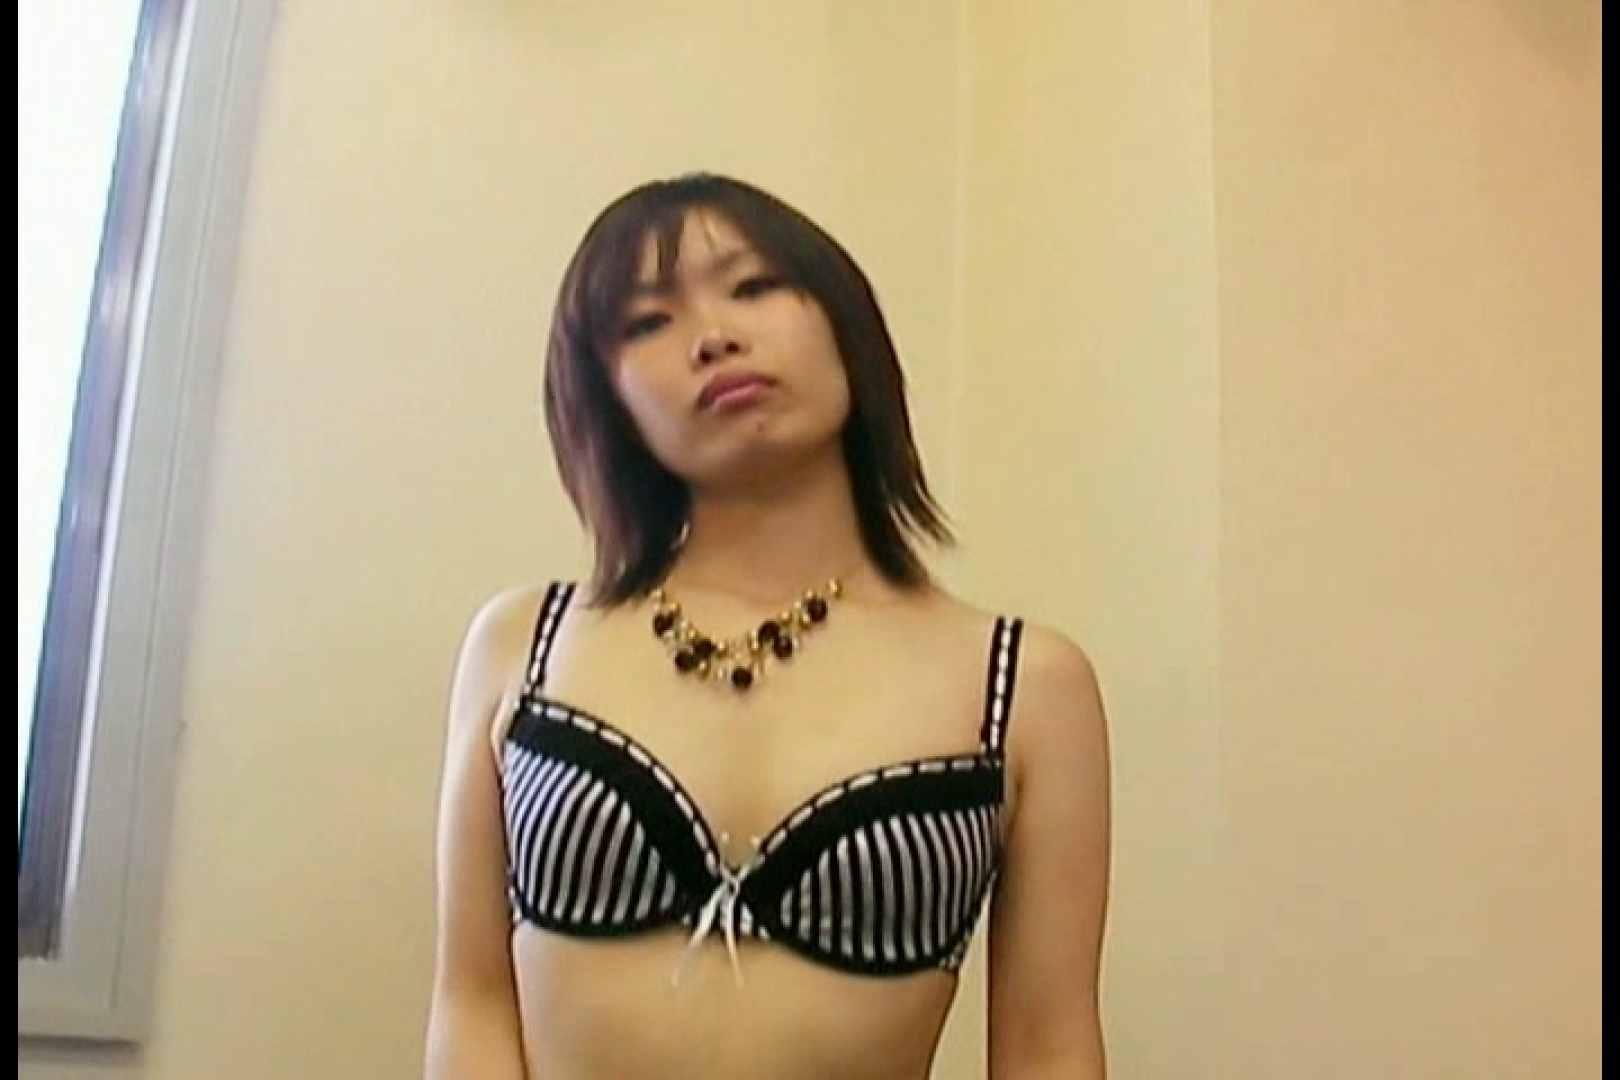 素人撮影 下着だけの撮影のはずが・・・仮名ゆき22歳 隠撮 女性器鑑賞 73pic 22